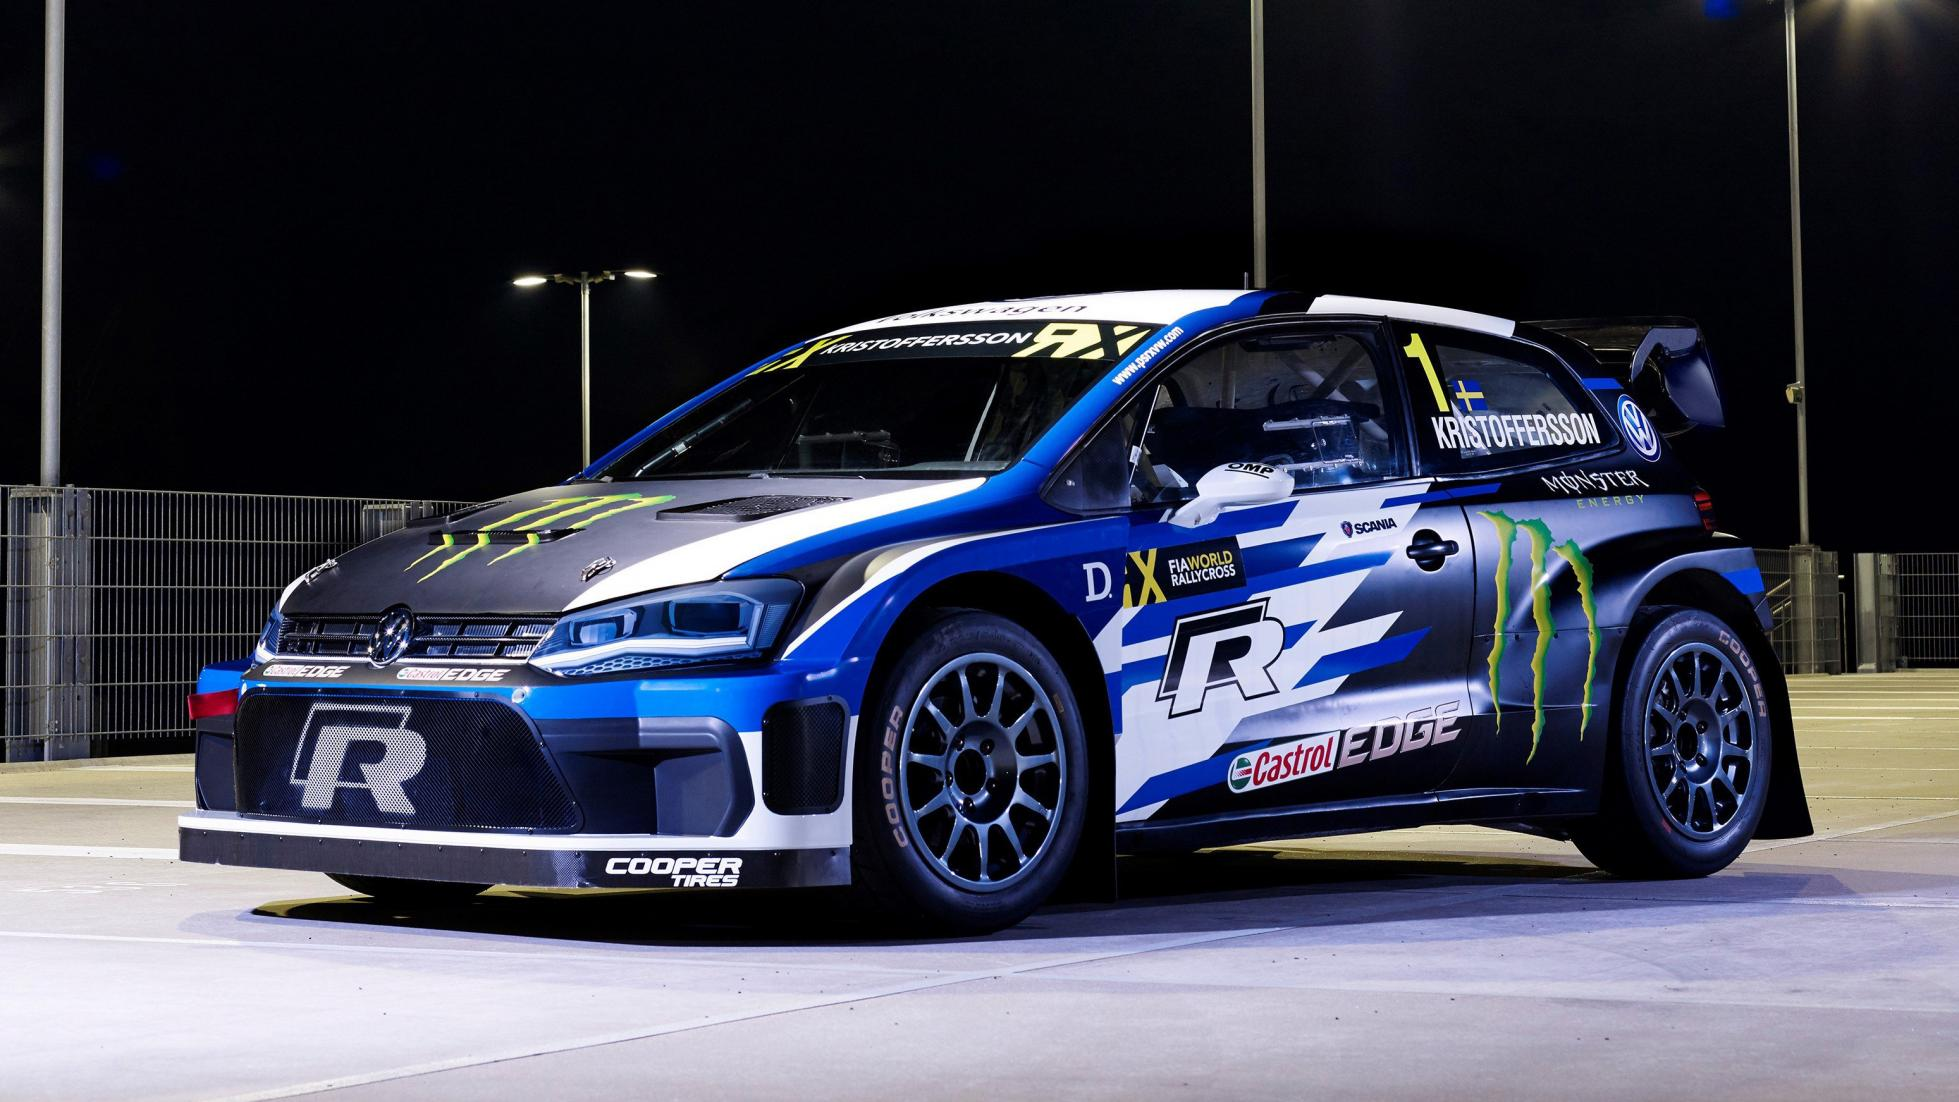 Volkswagen R is Now Supporting Rallycross in Europe - VWVortex